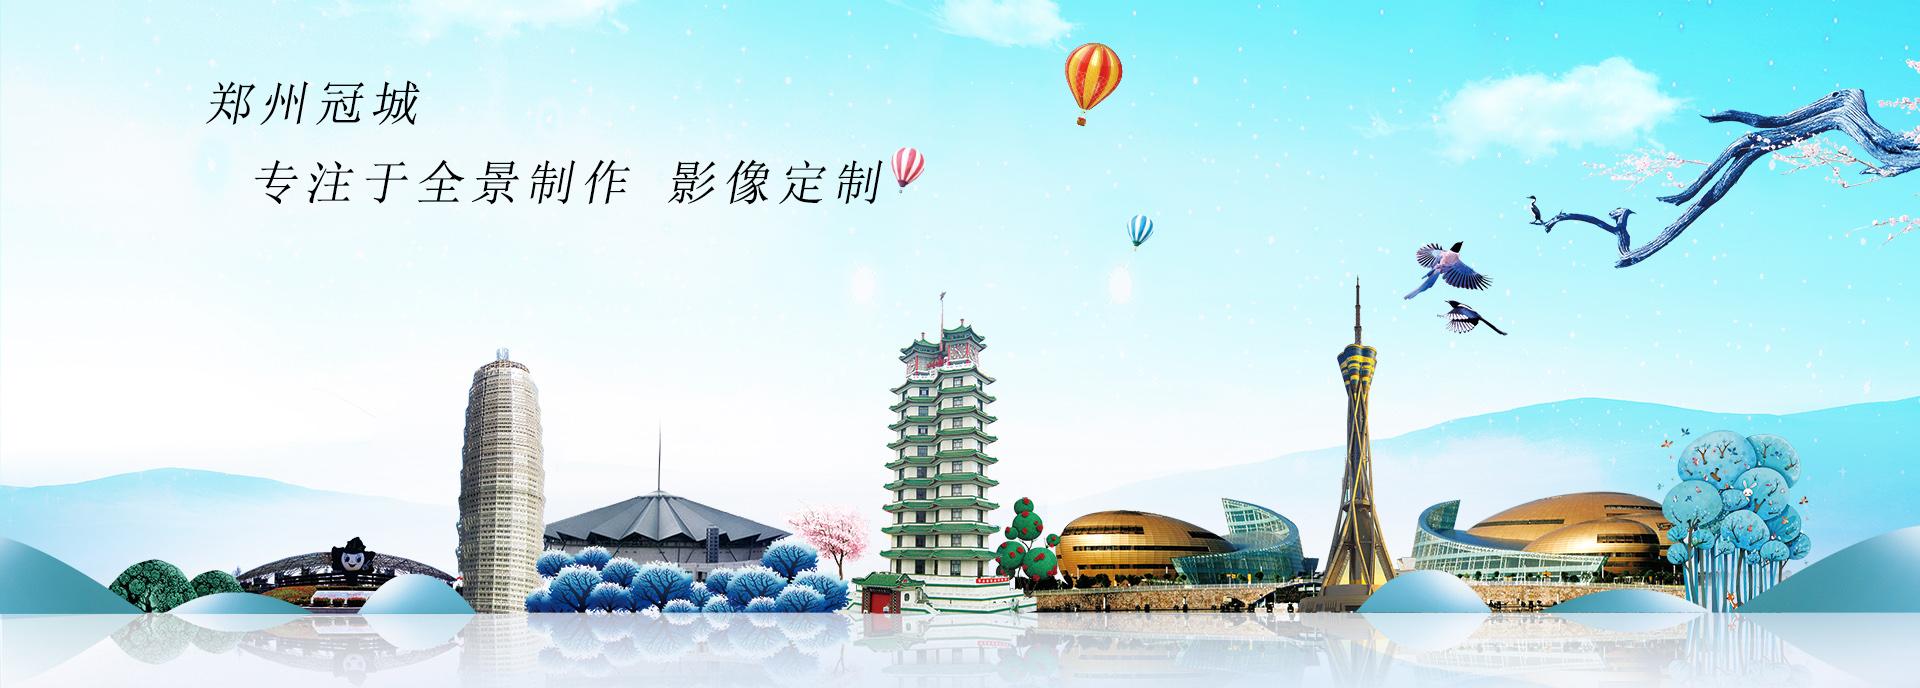 VR全景,360全景,720全景,河南宣传片,河南广告片---------郑州冠城网络科技有限公司